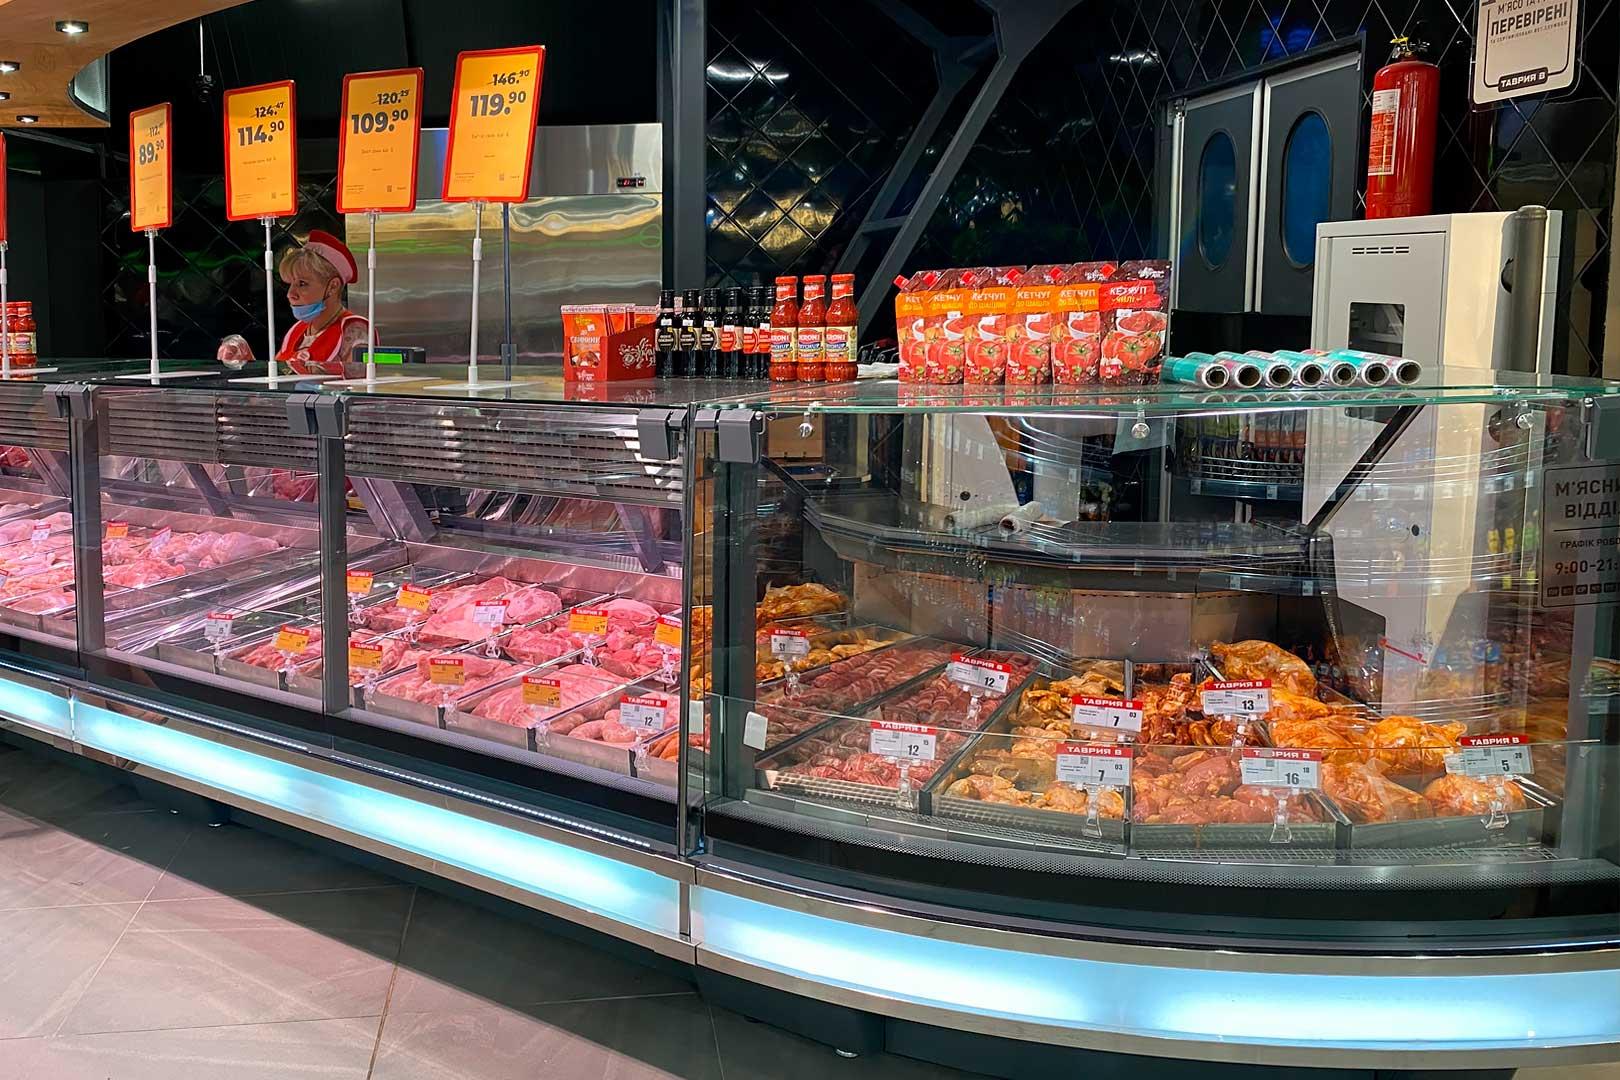 Специализированные витрины для продажи мяса Missouri cold diamond MC 115 meat PS 121-SLM, угловые элементы Missouri cold diamond MC 115 deli PS 121-DLM-ER45S 121-DLM-ER45